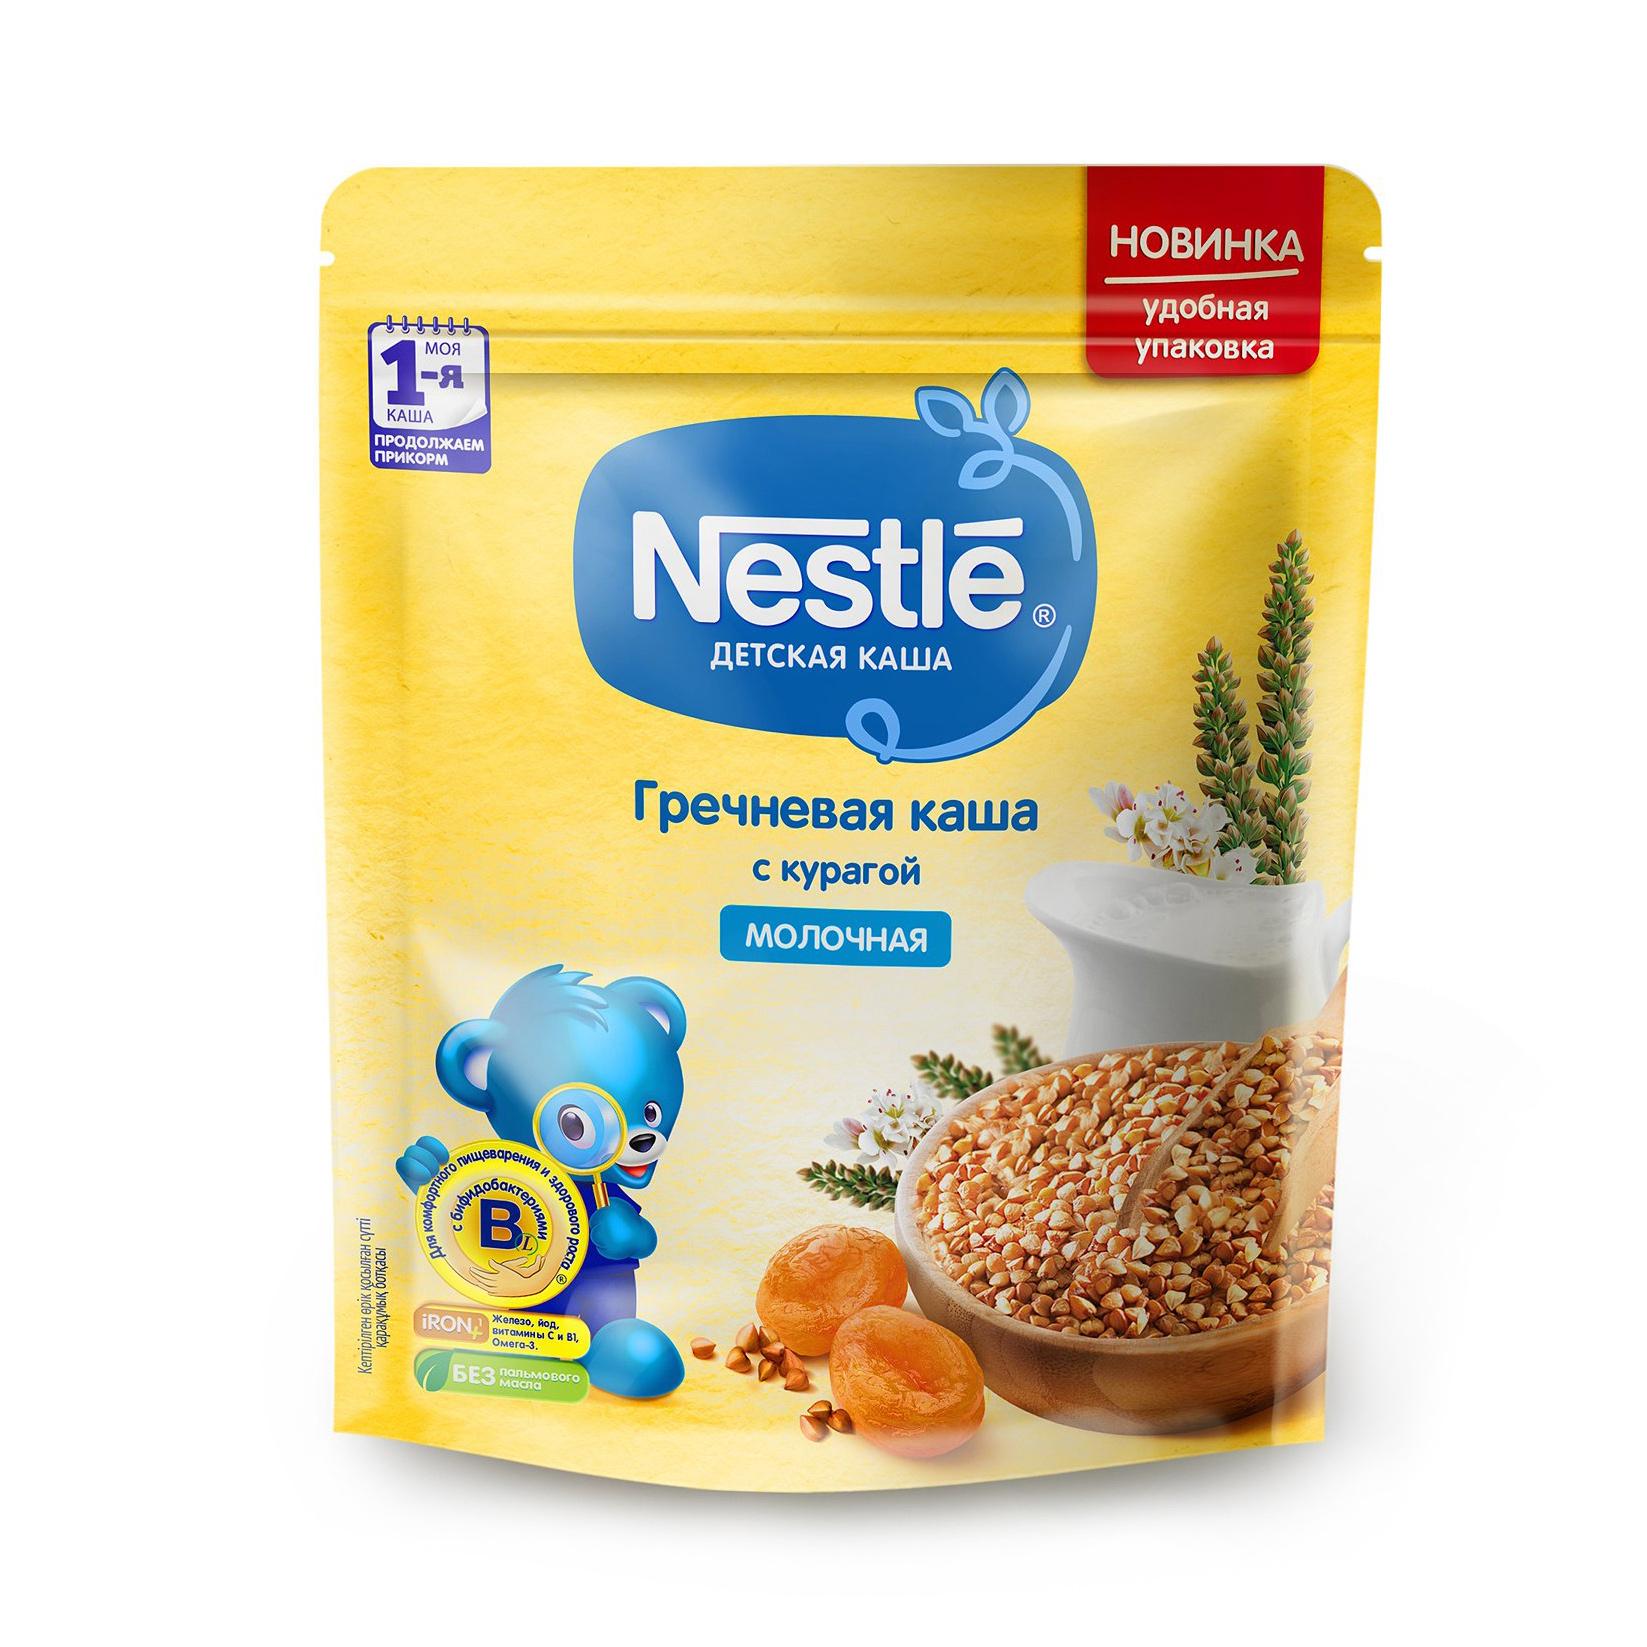 Фото - Каша молочная Nestle гречневая с курагой с 6-ти месяцев 220 г каша nutrilon молочная гречневая с 6 месяцев 200 г